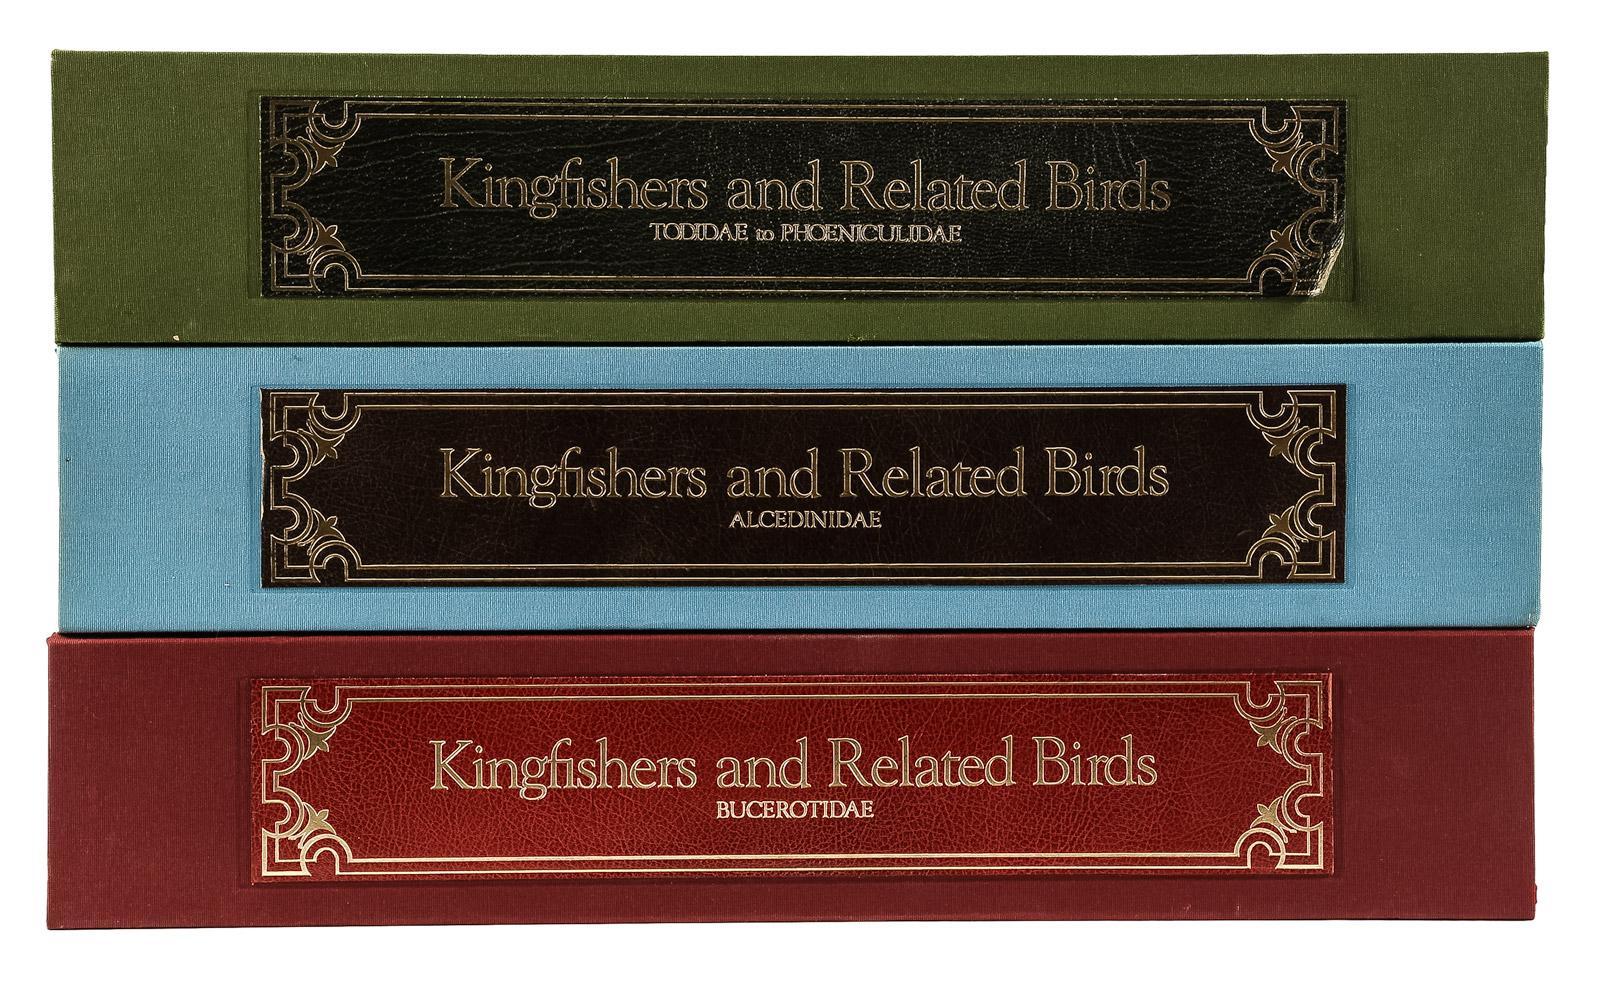 Kingfisher 8X Madera Nidificaci/ón Siguiente Caja Pajarera Peque/ño P/ájaros Herrerillo Petirrojo Sparrow